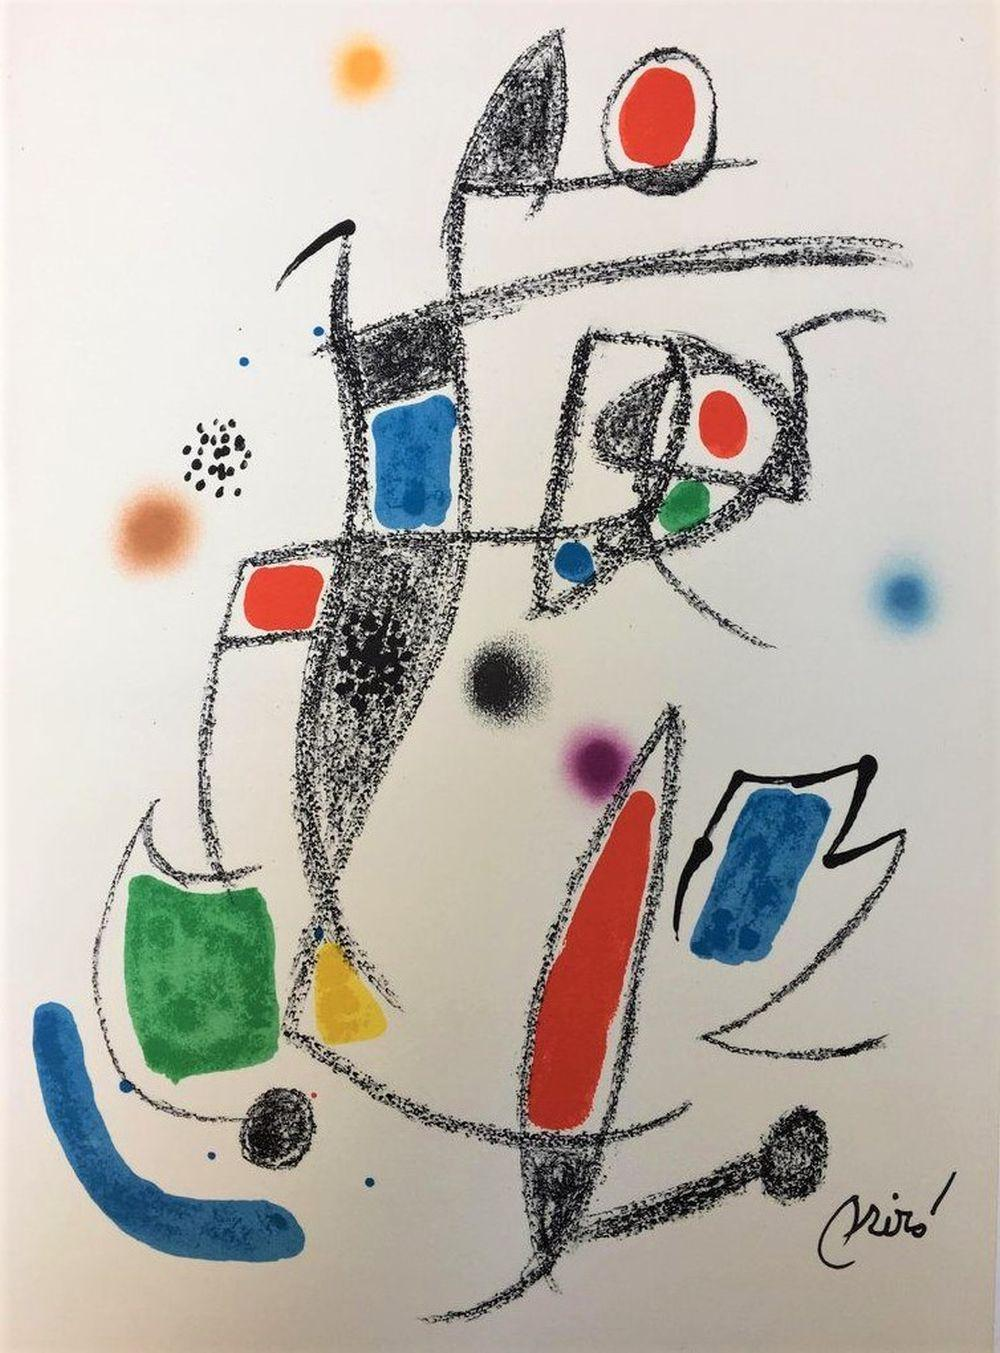 Joan Miro - Maravillas con Variaciones Acrósticas X, 1975